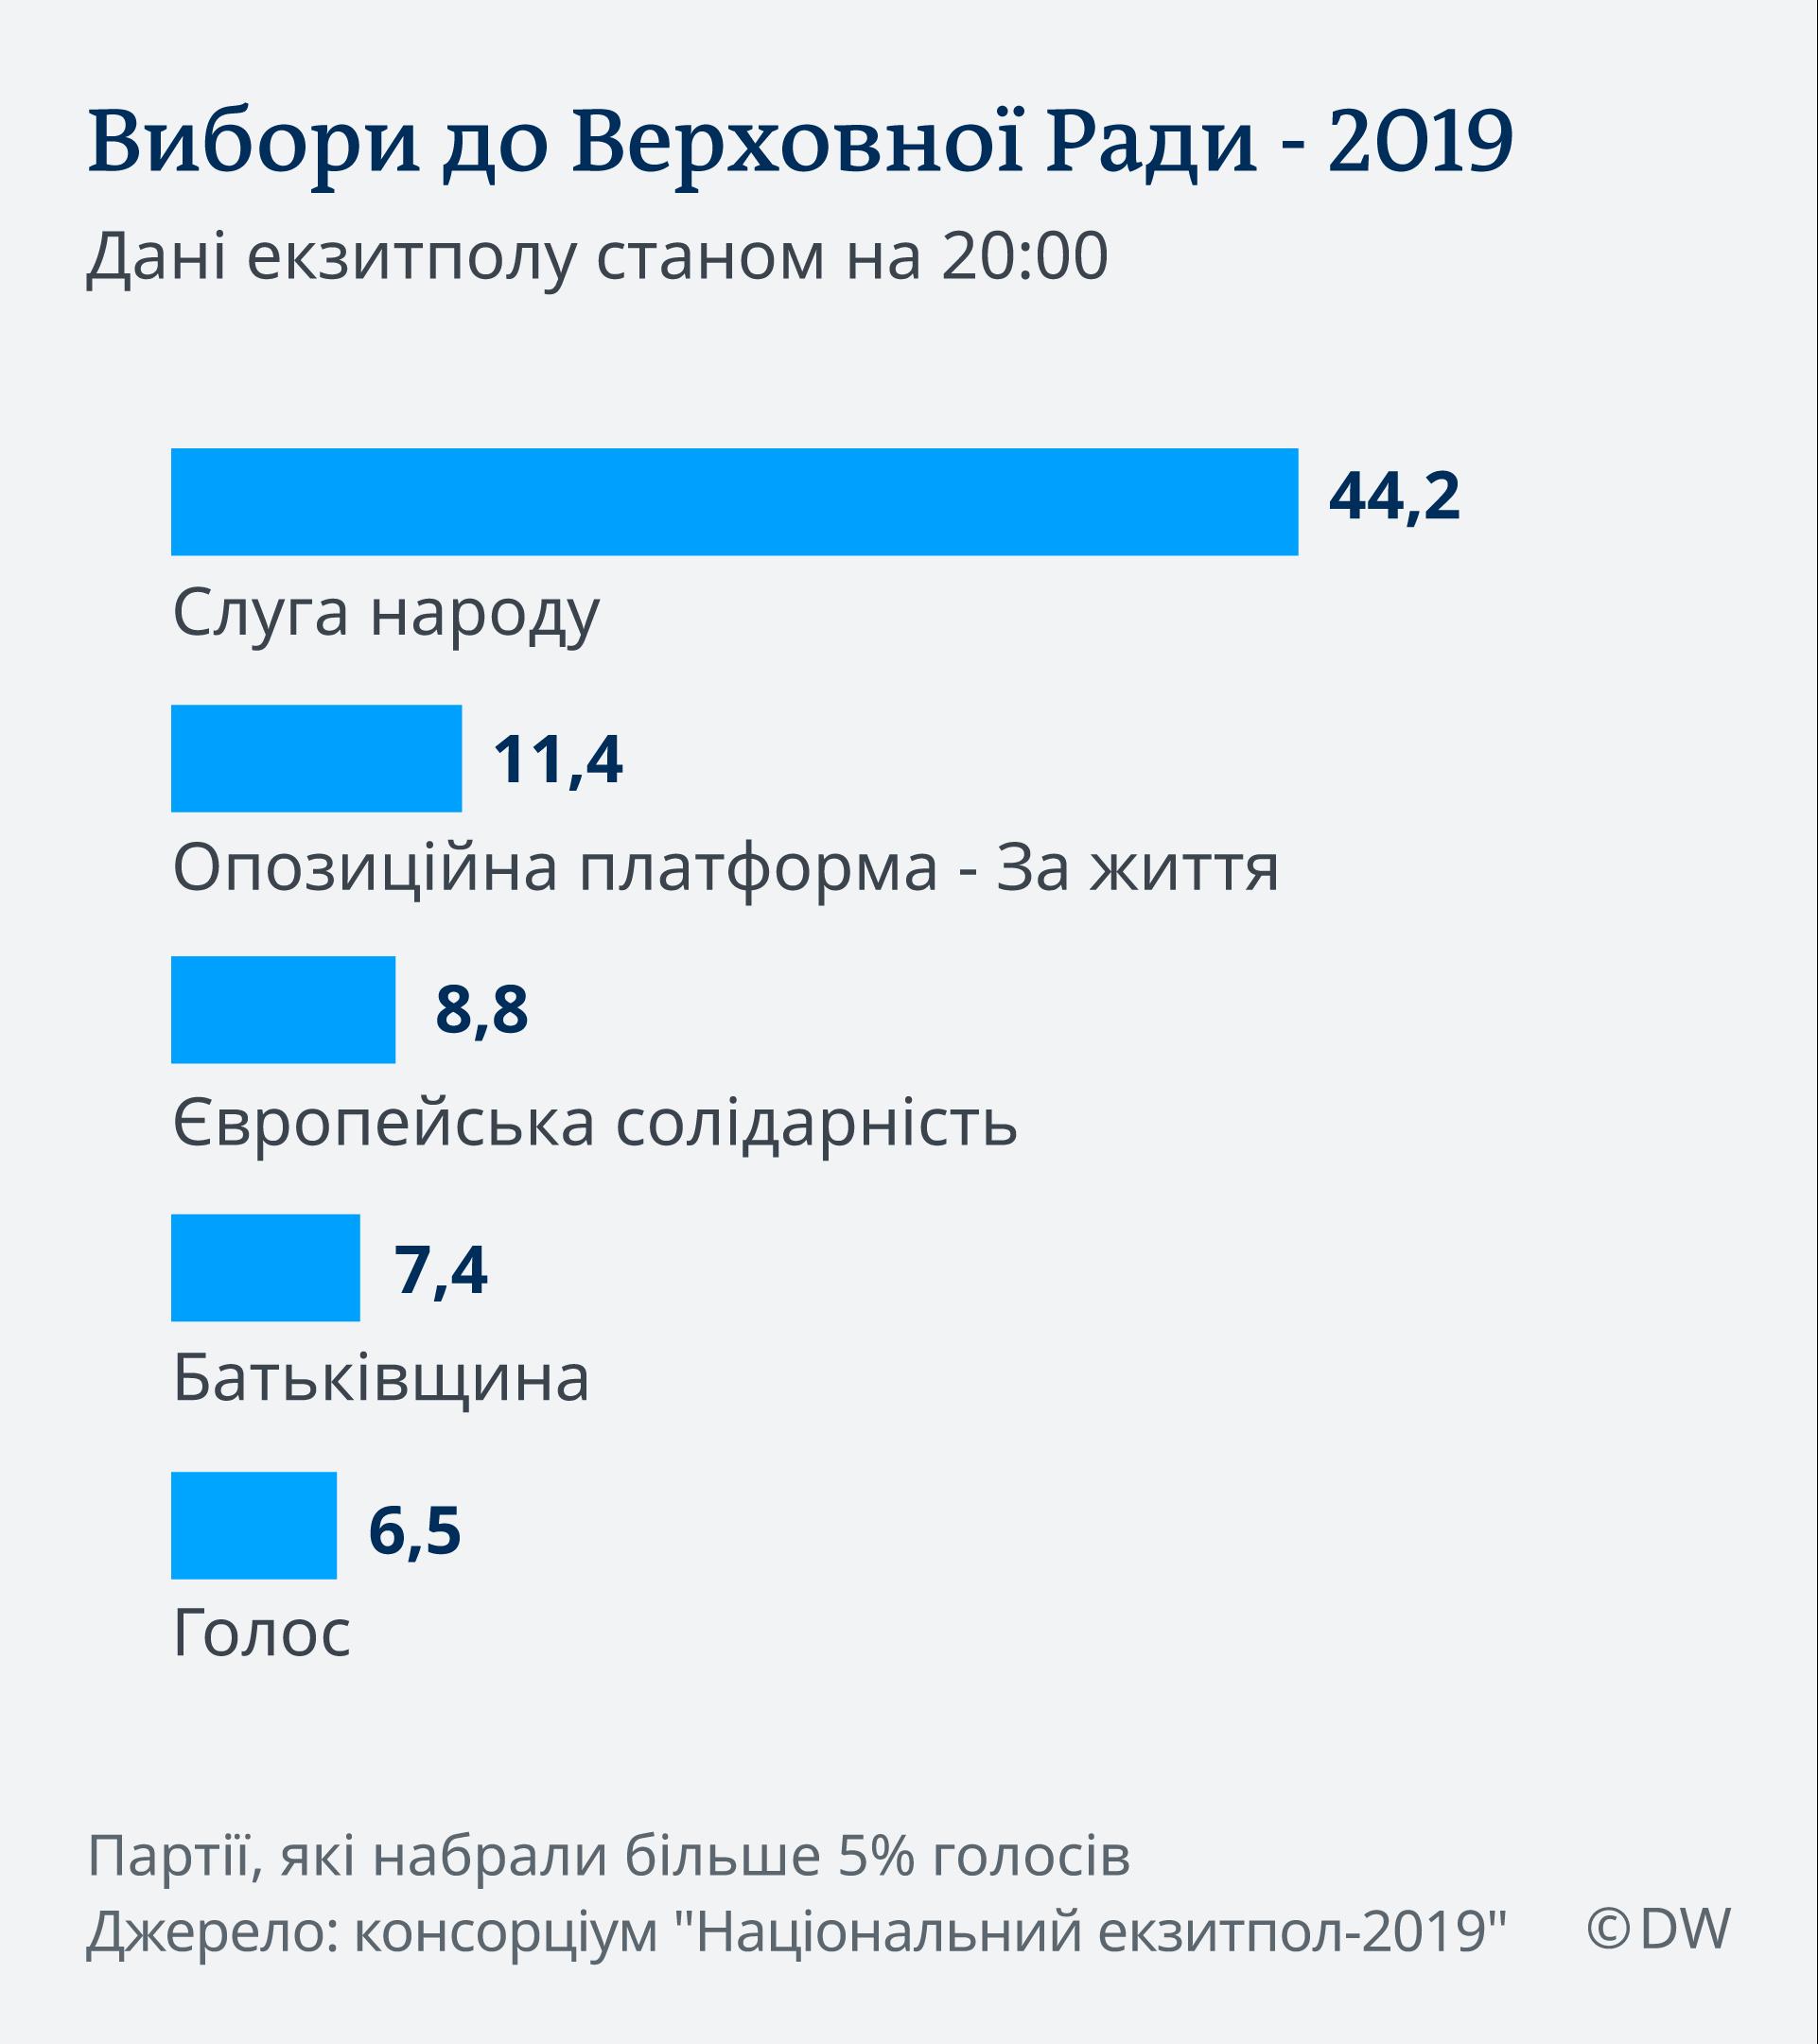 Infografik 2. Hochrechnung Ukrainewahl 21.7.2019 UK